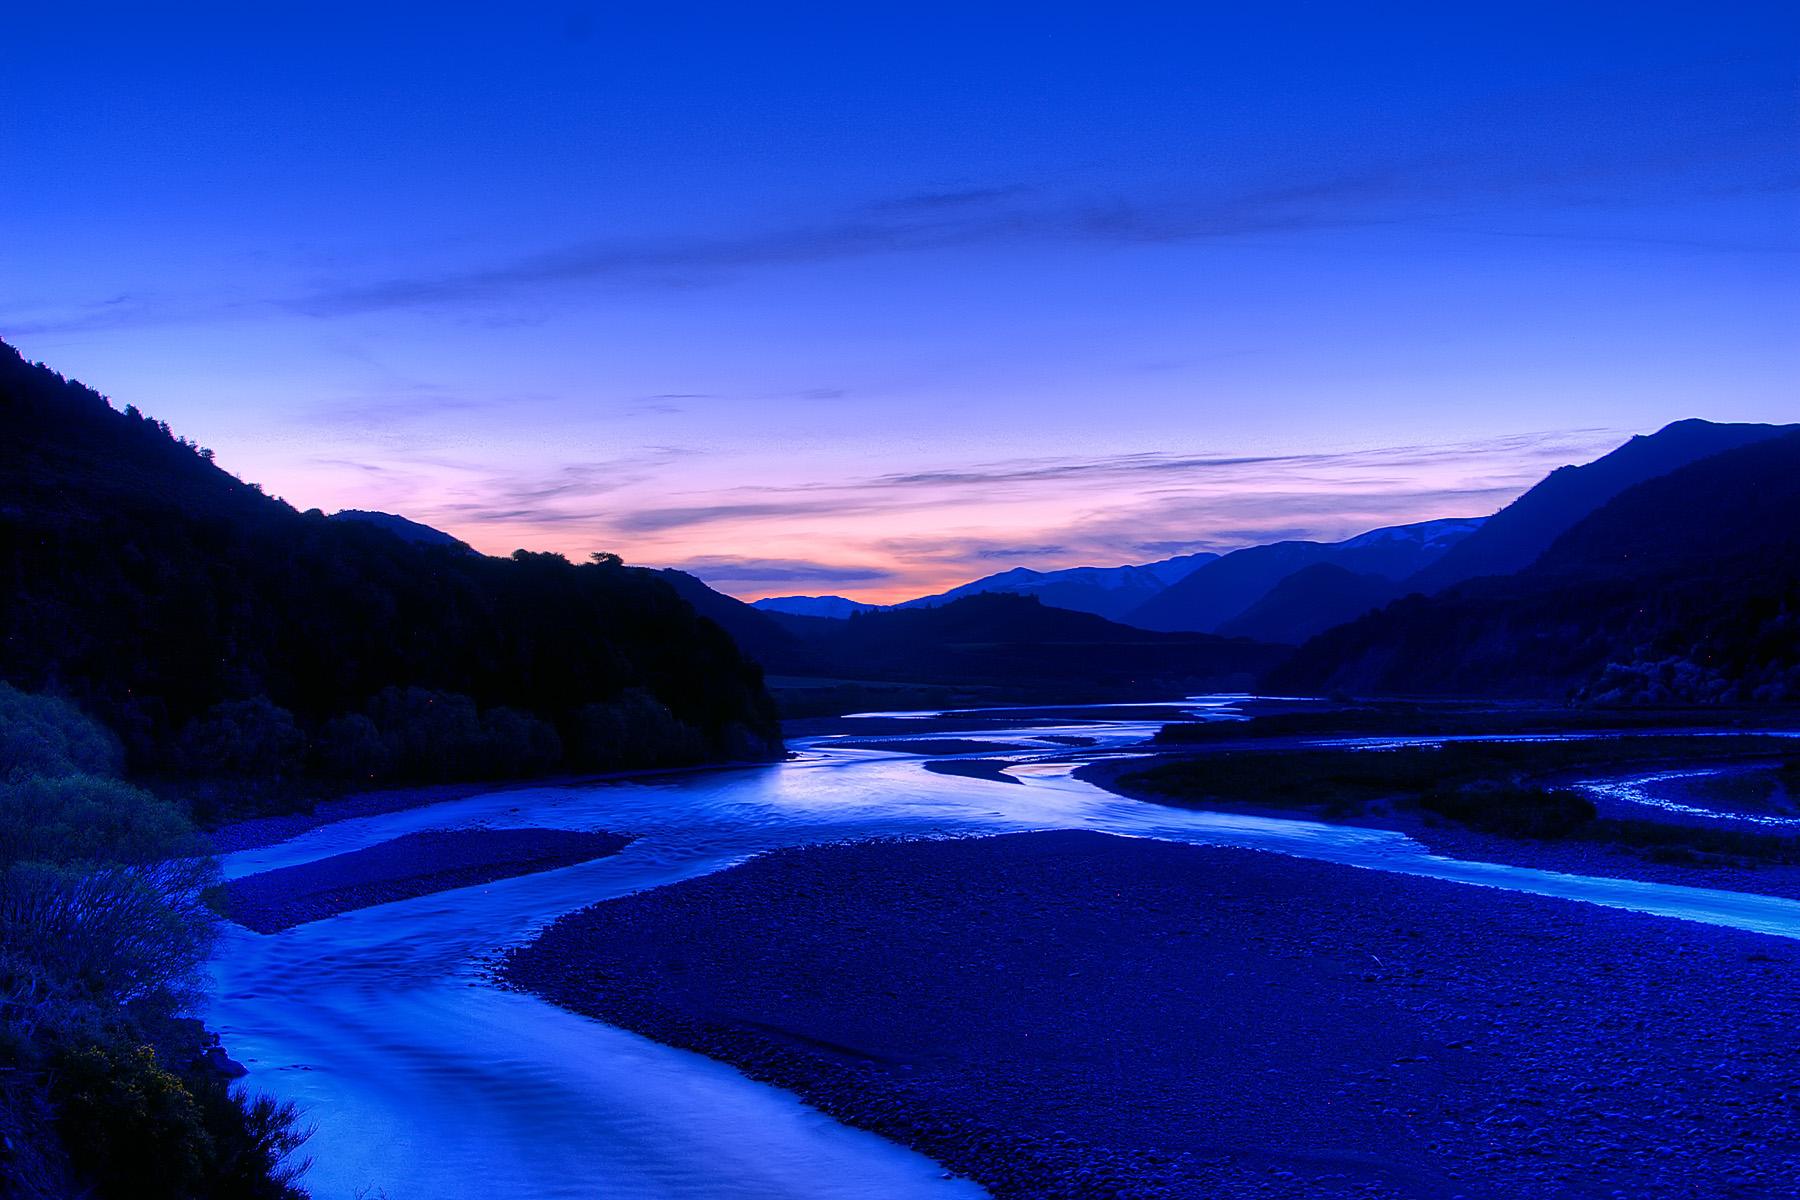 silver_river